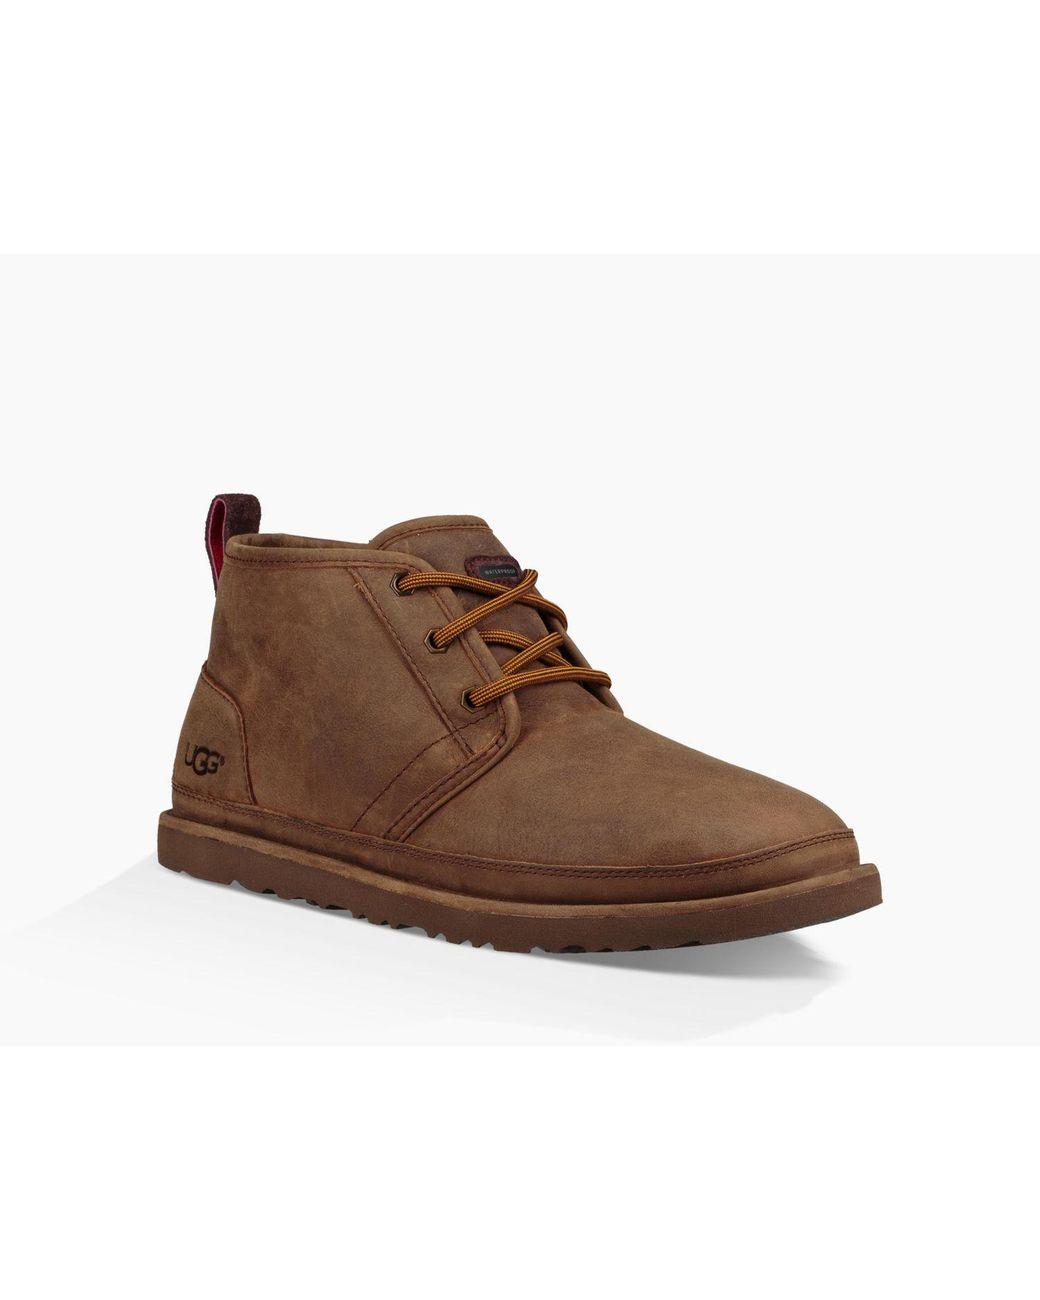 355750013 UGG Men's Neumel Waterproof Boot in Brown for Men - Lyst